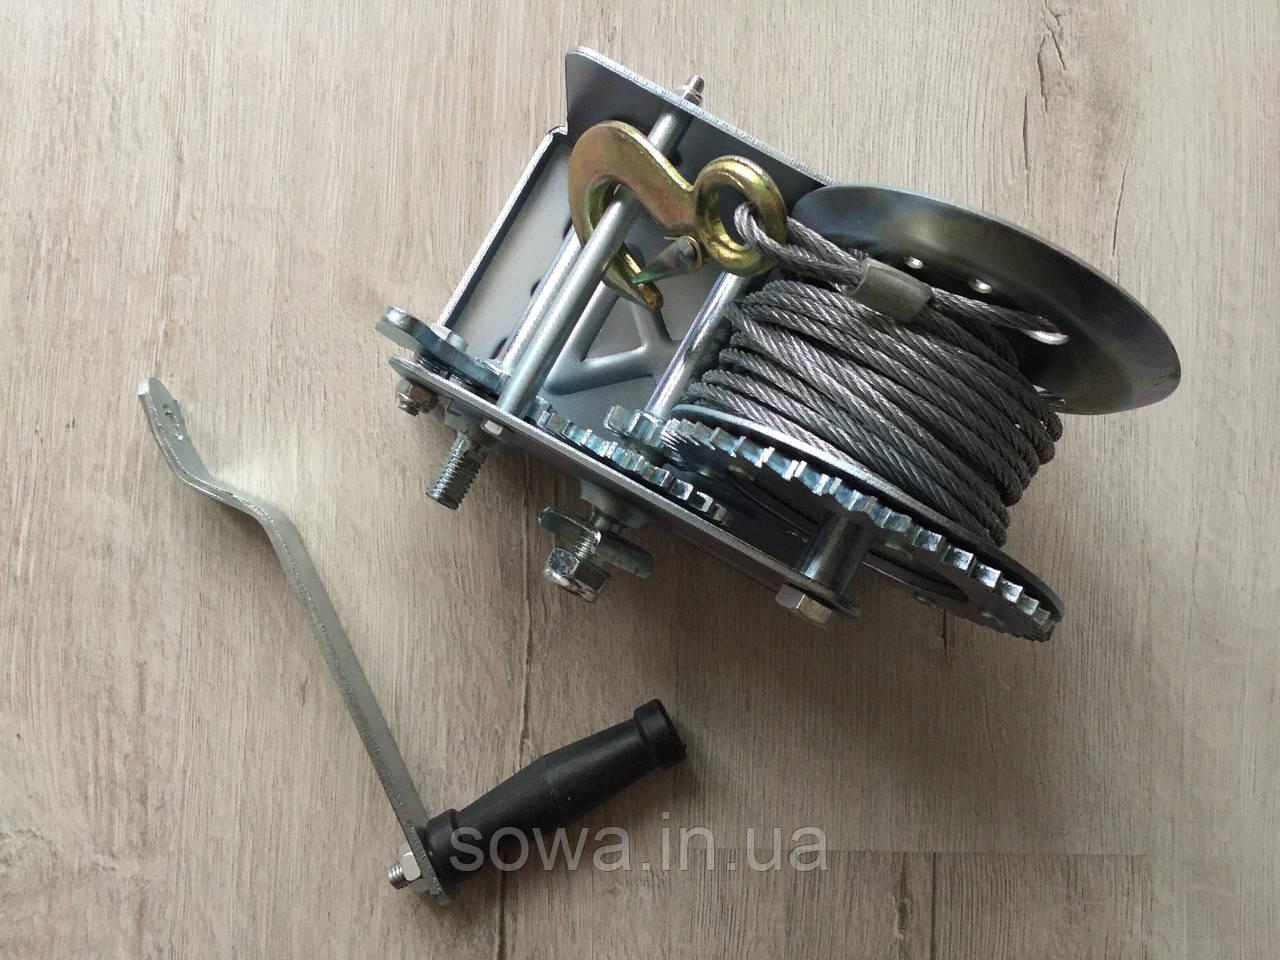 ✔️ Лебедка автомобильная барабанная Euro Craft 2500 фунтів/1500кг